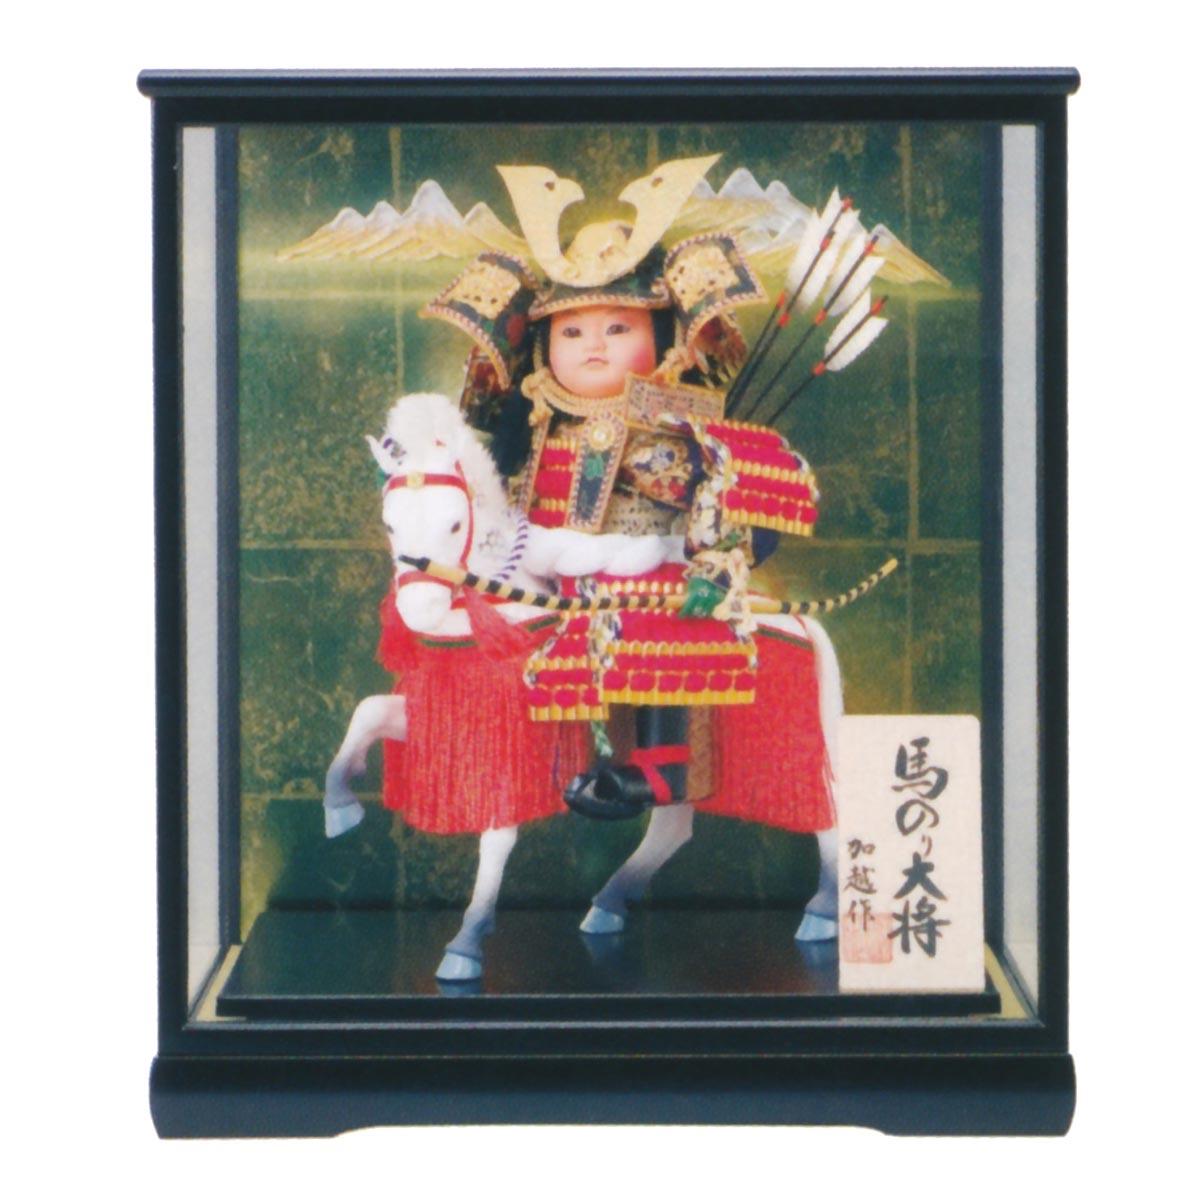 五月人形 ケース飾り 馬乗大将 6号 ≪GOF-5740-78-002≫コンパクト おしゃれ ケース飾り ケース飾り 五月人形